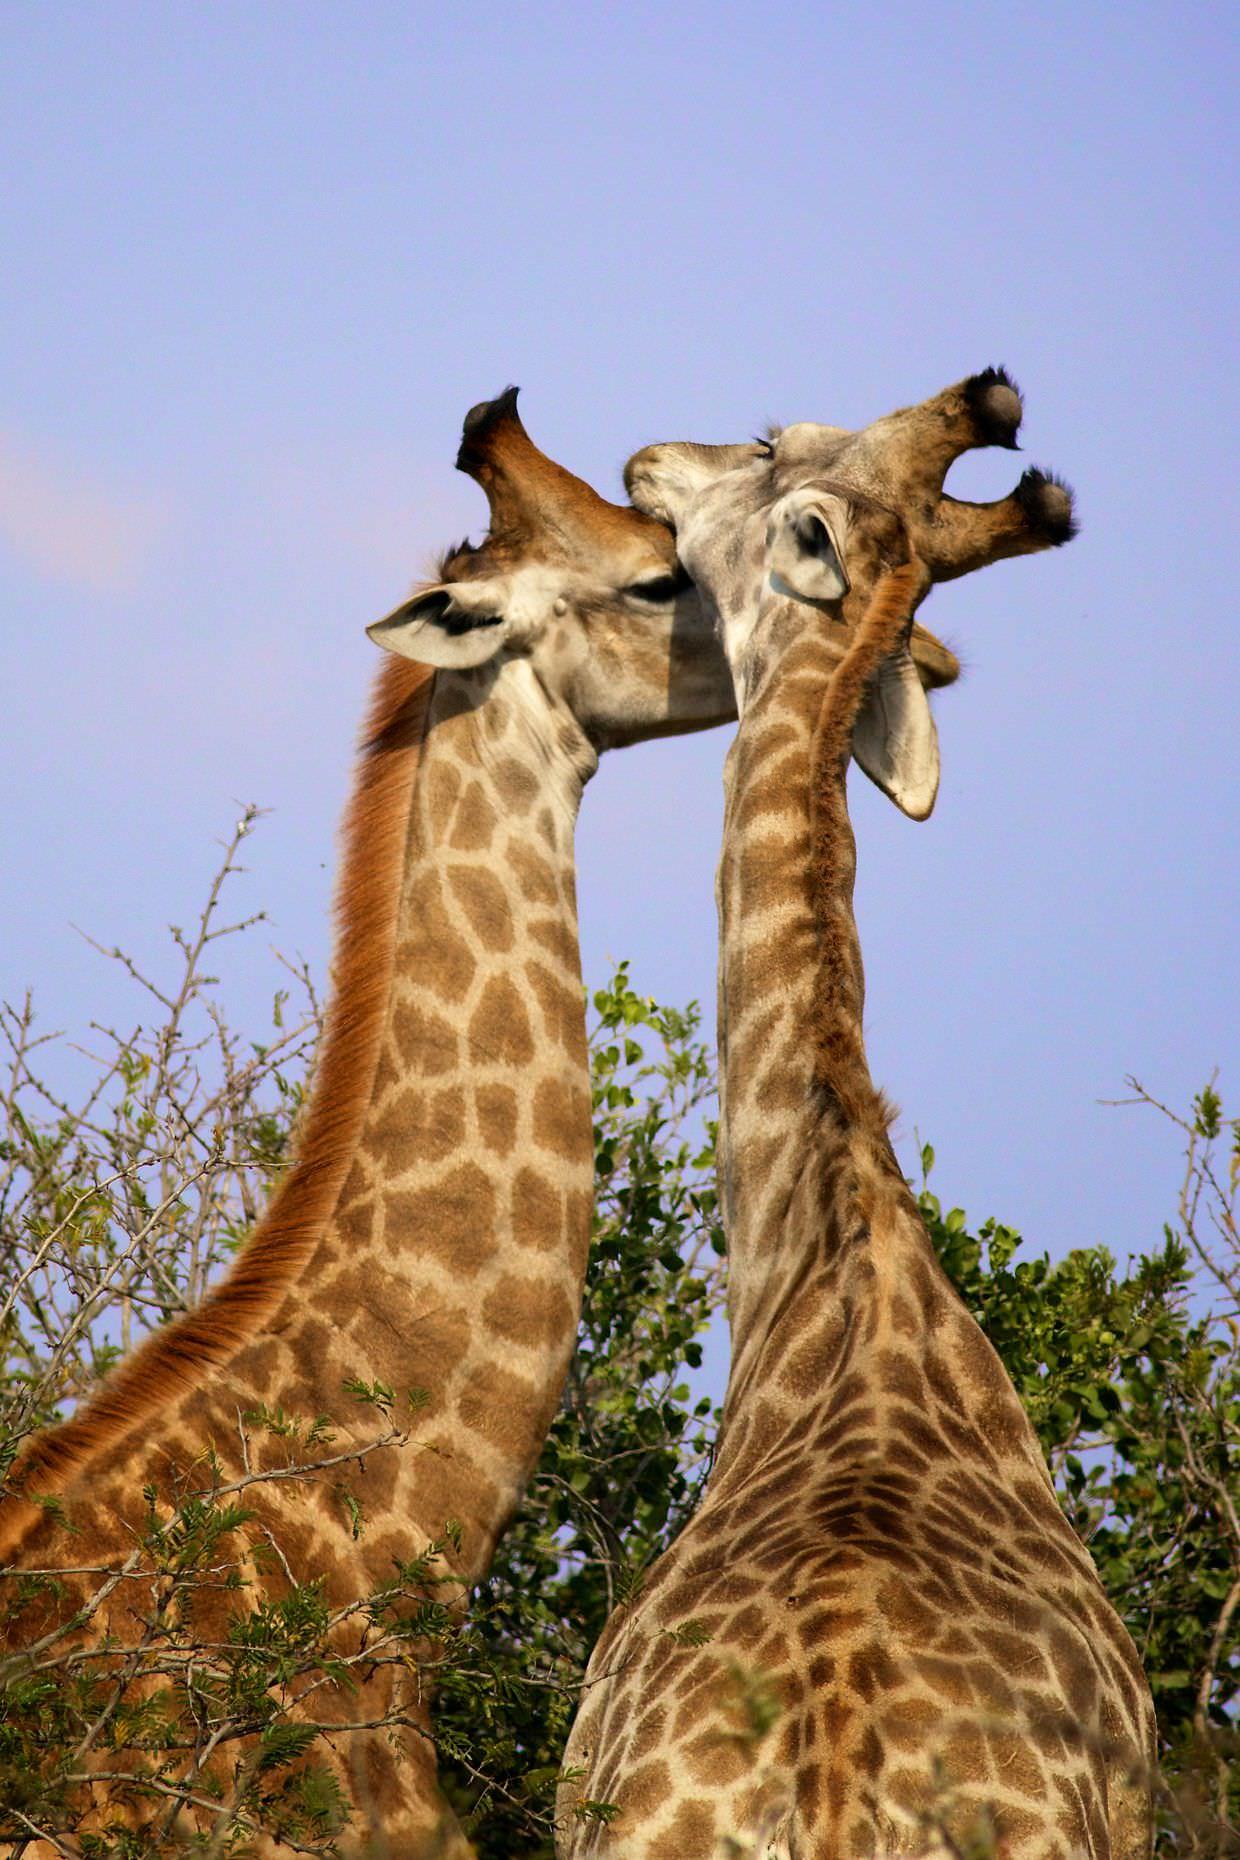 Loving giraffe siblings